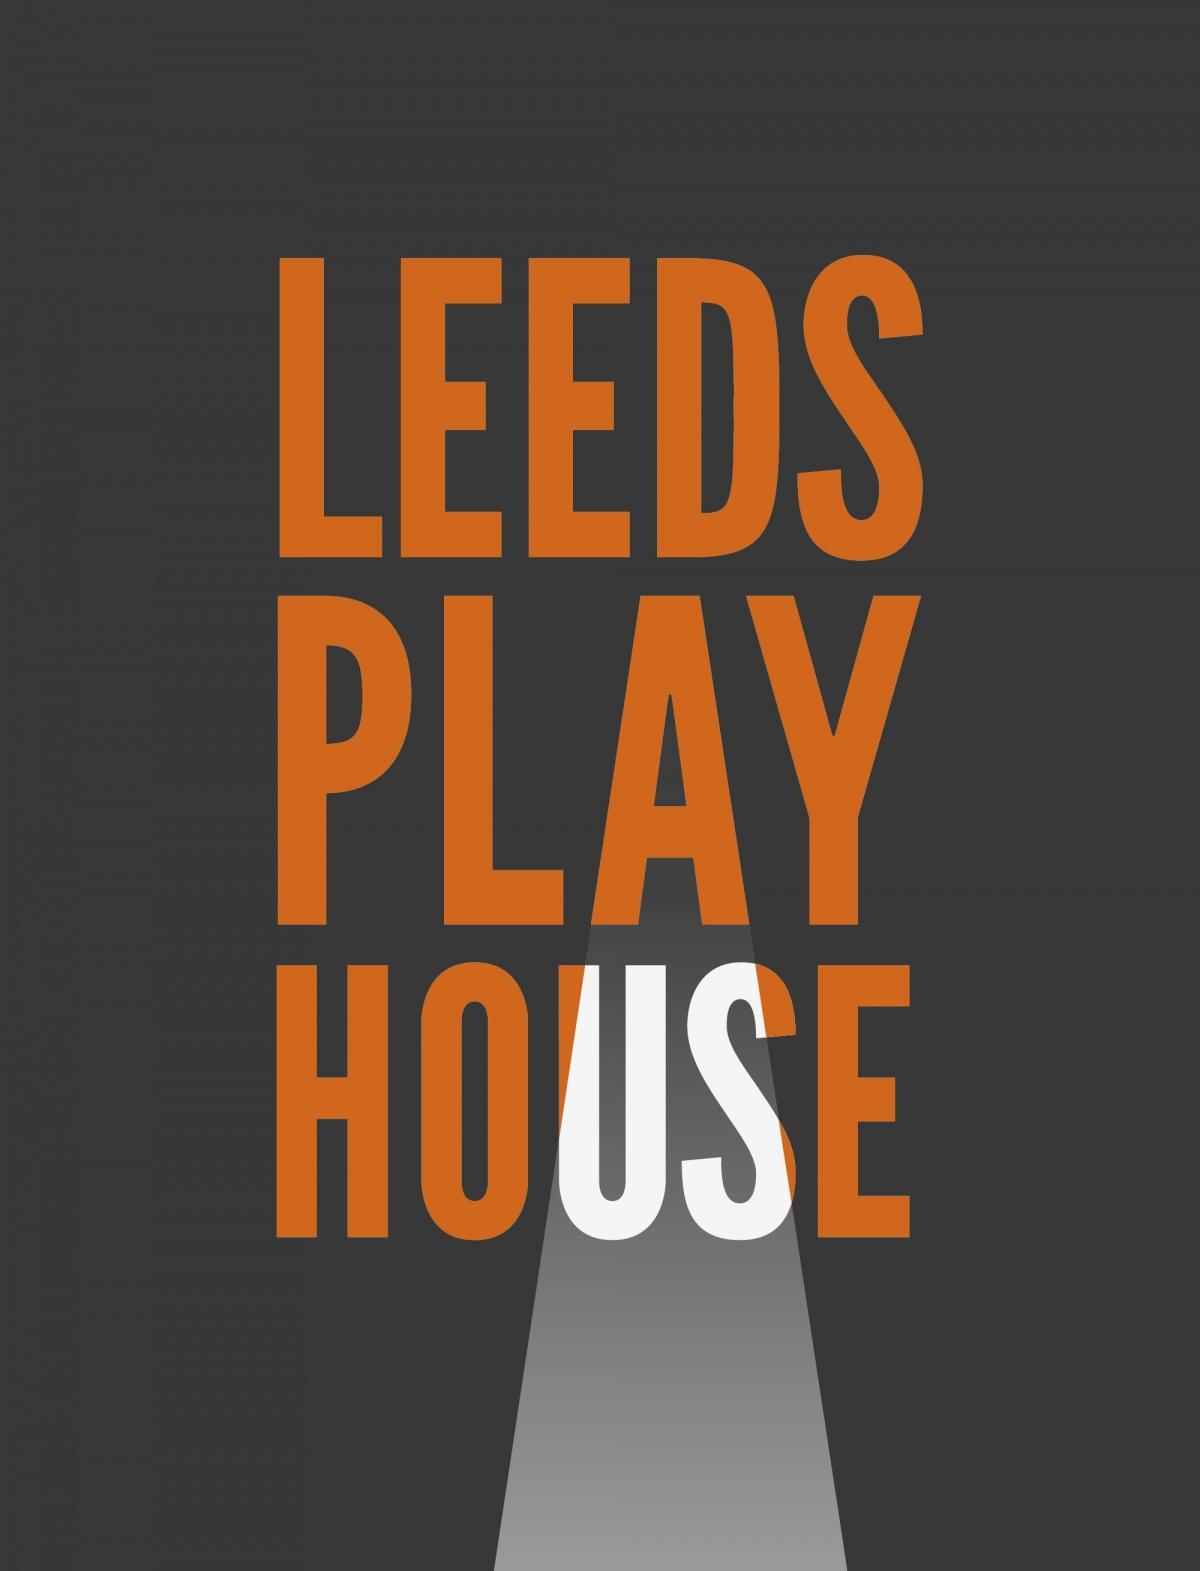 Leeds Playhouse Logo